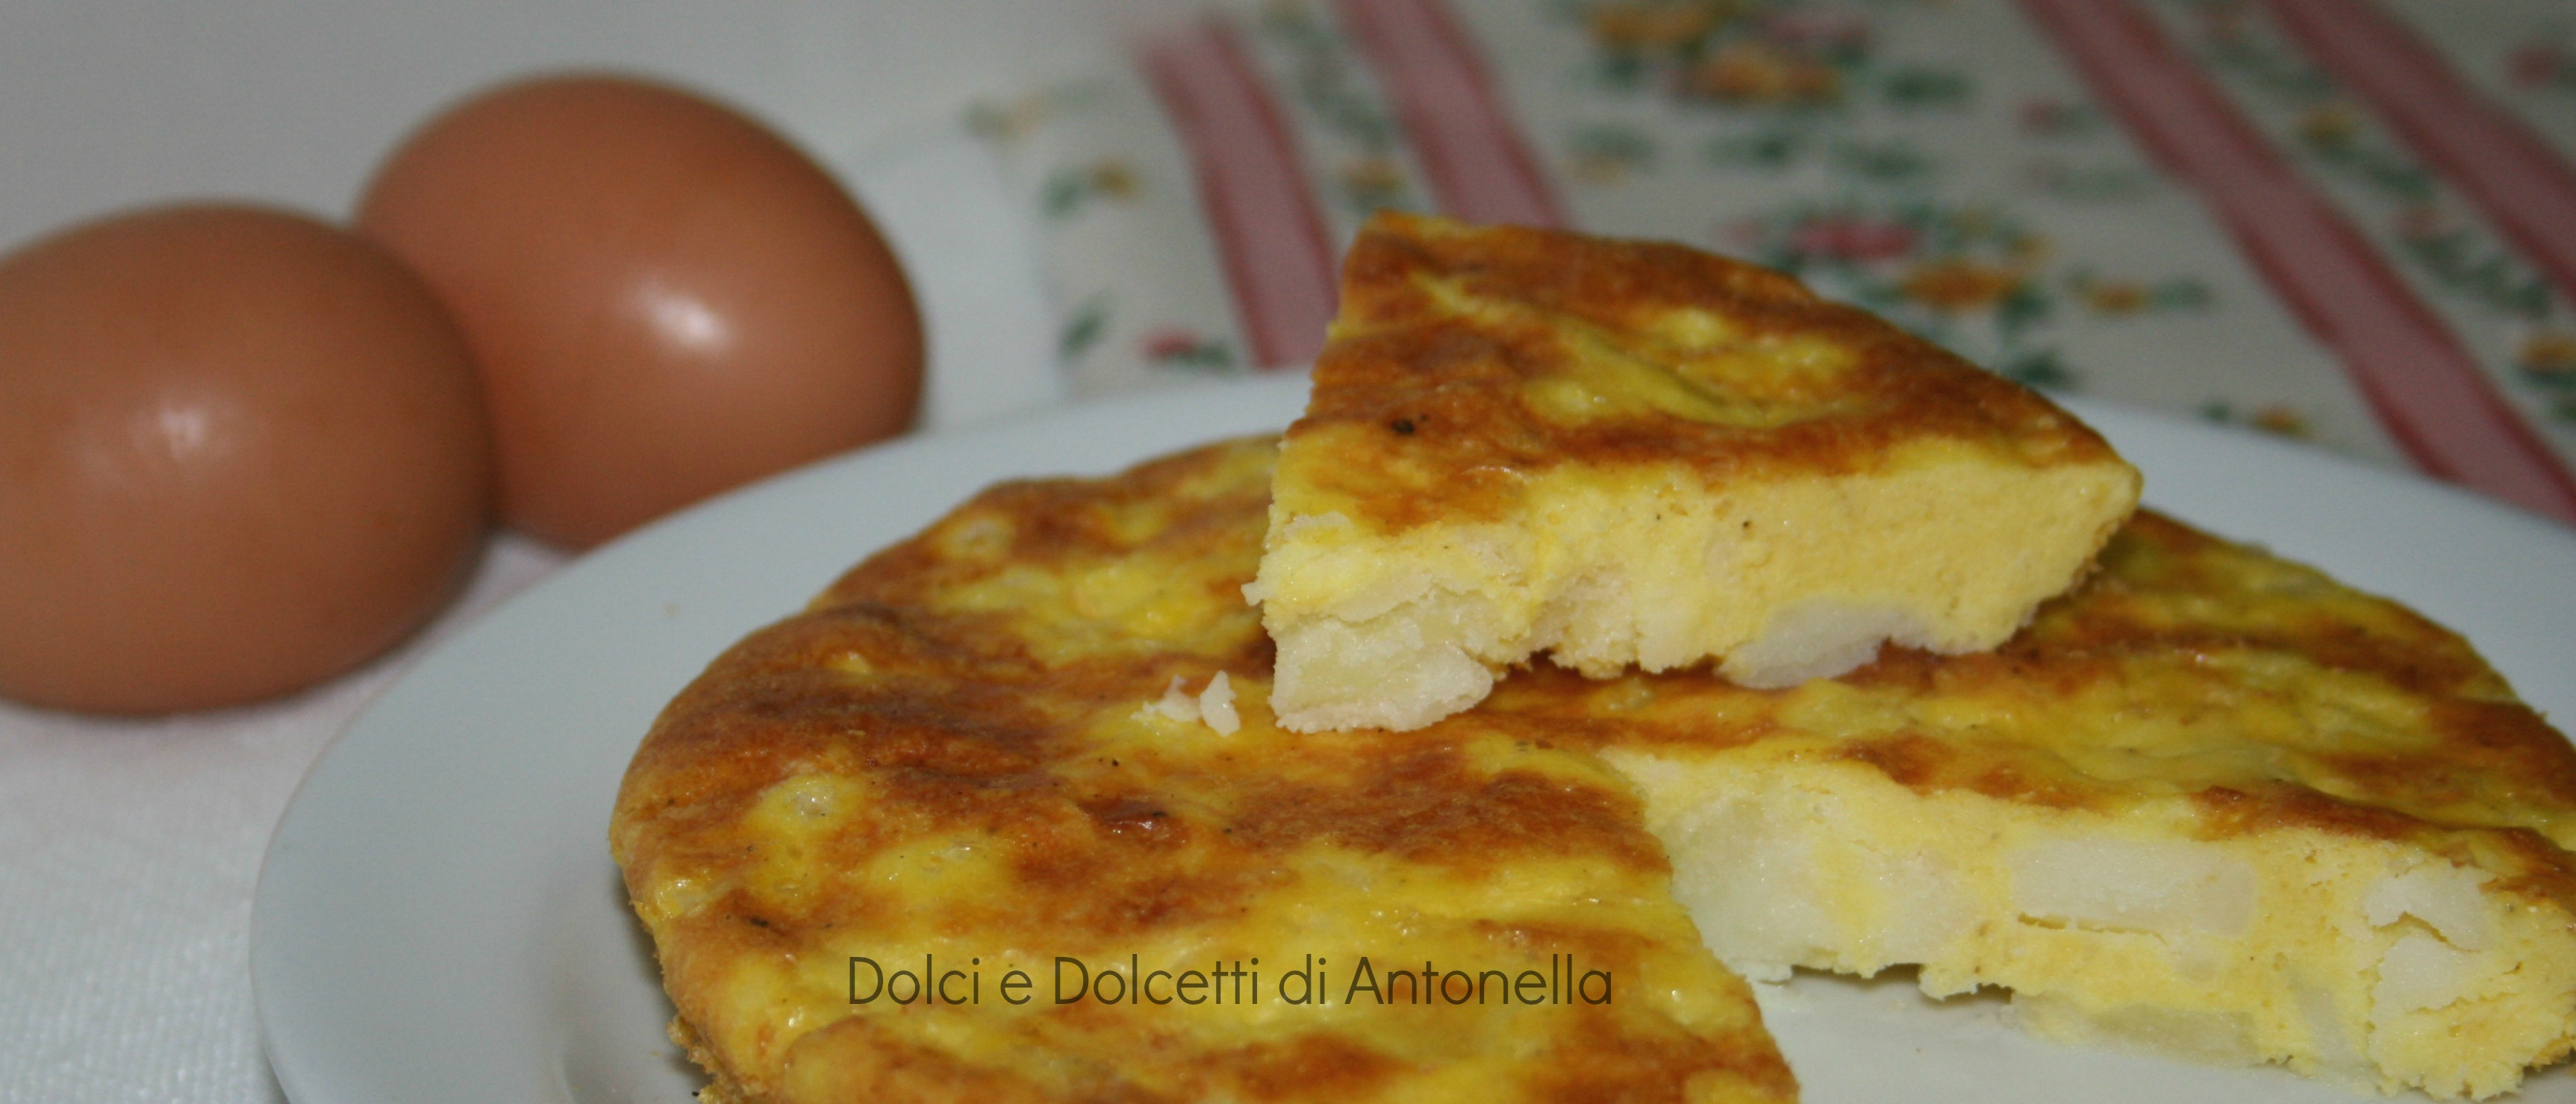 frittata di patate al forno  ricetta dolci e dolcetti di antonella